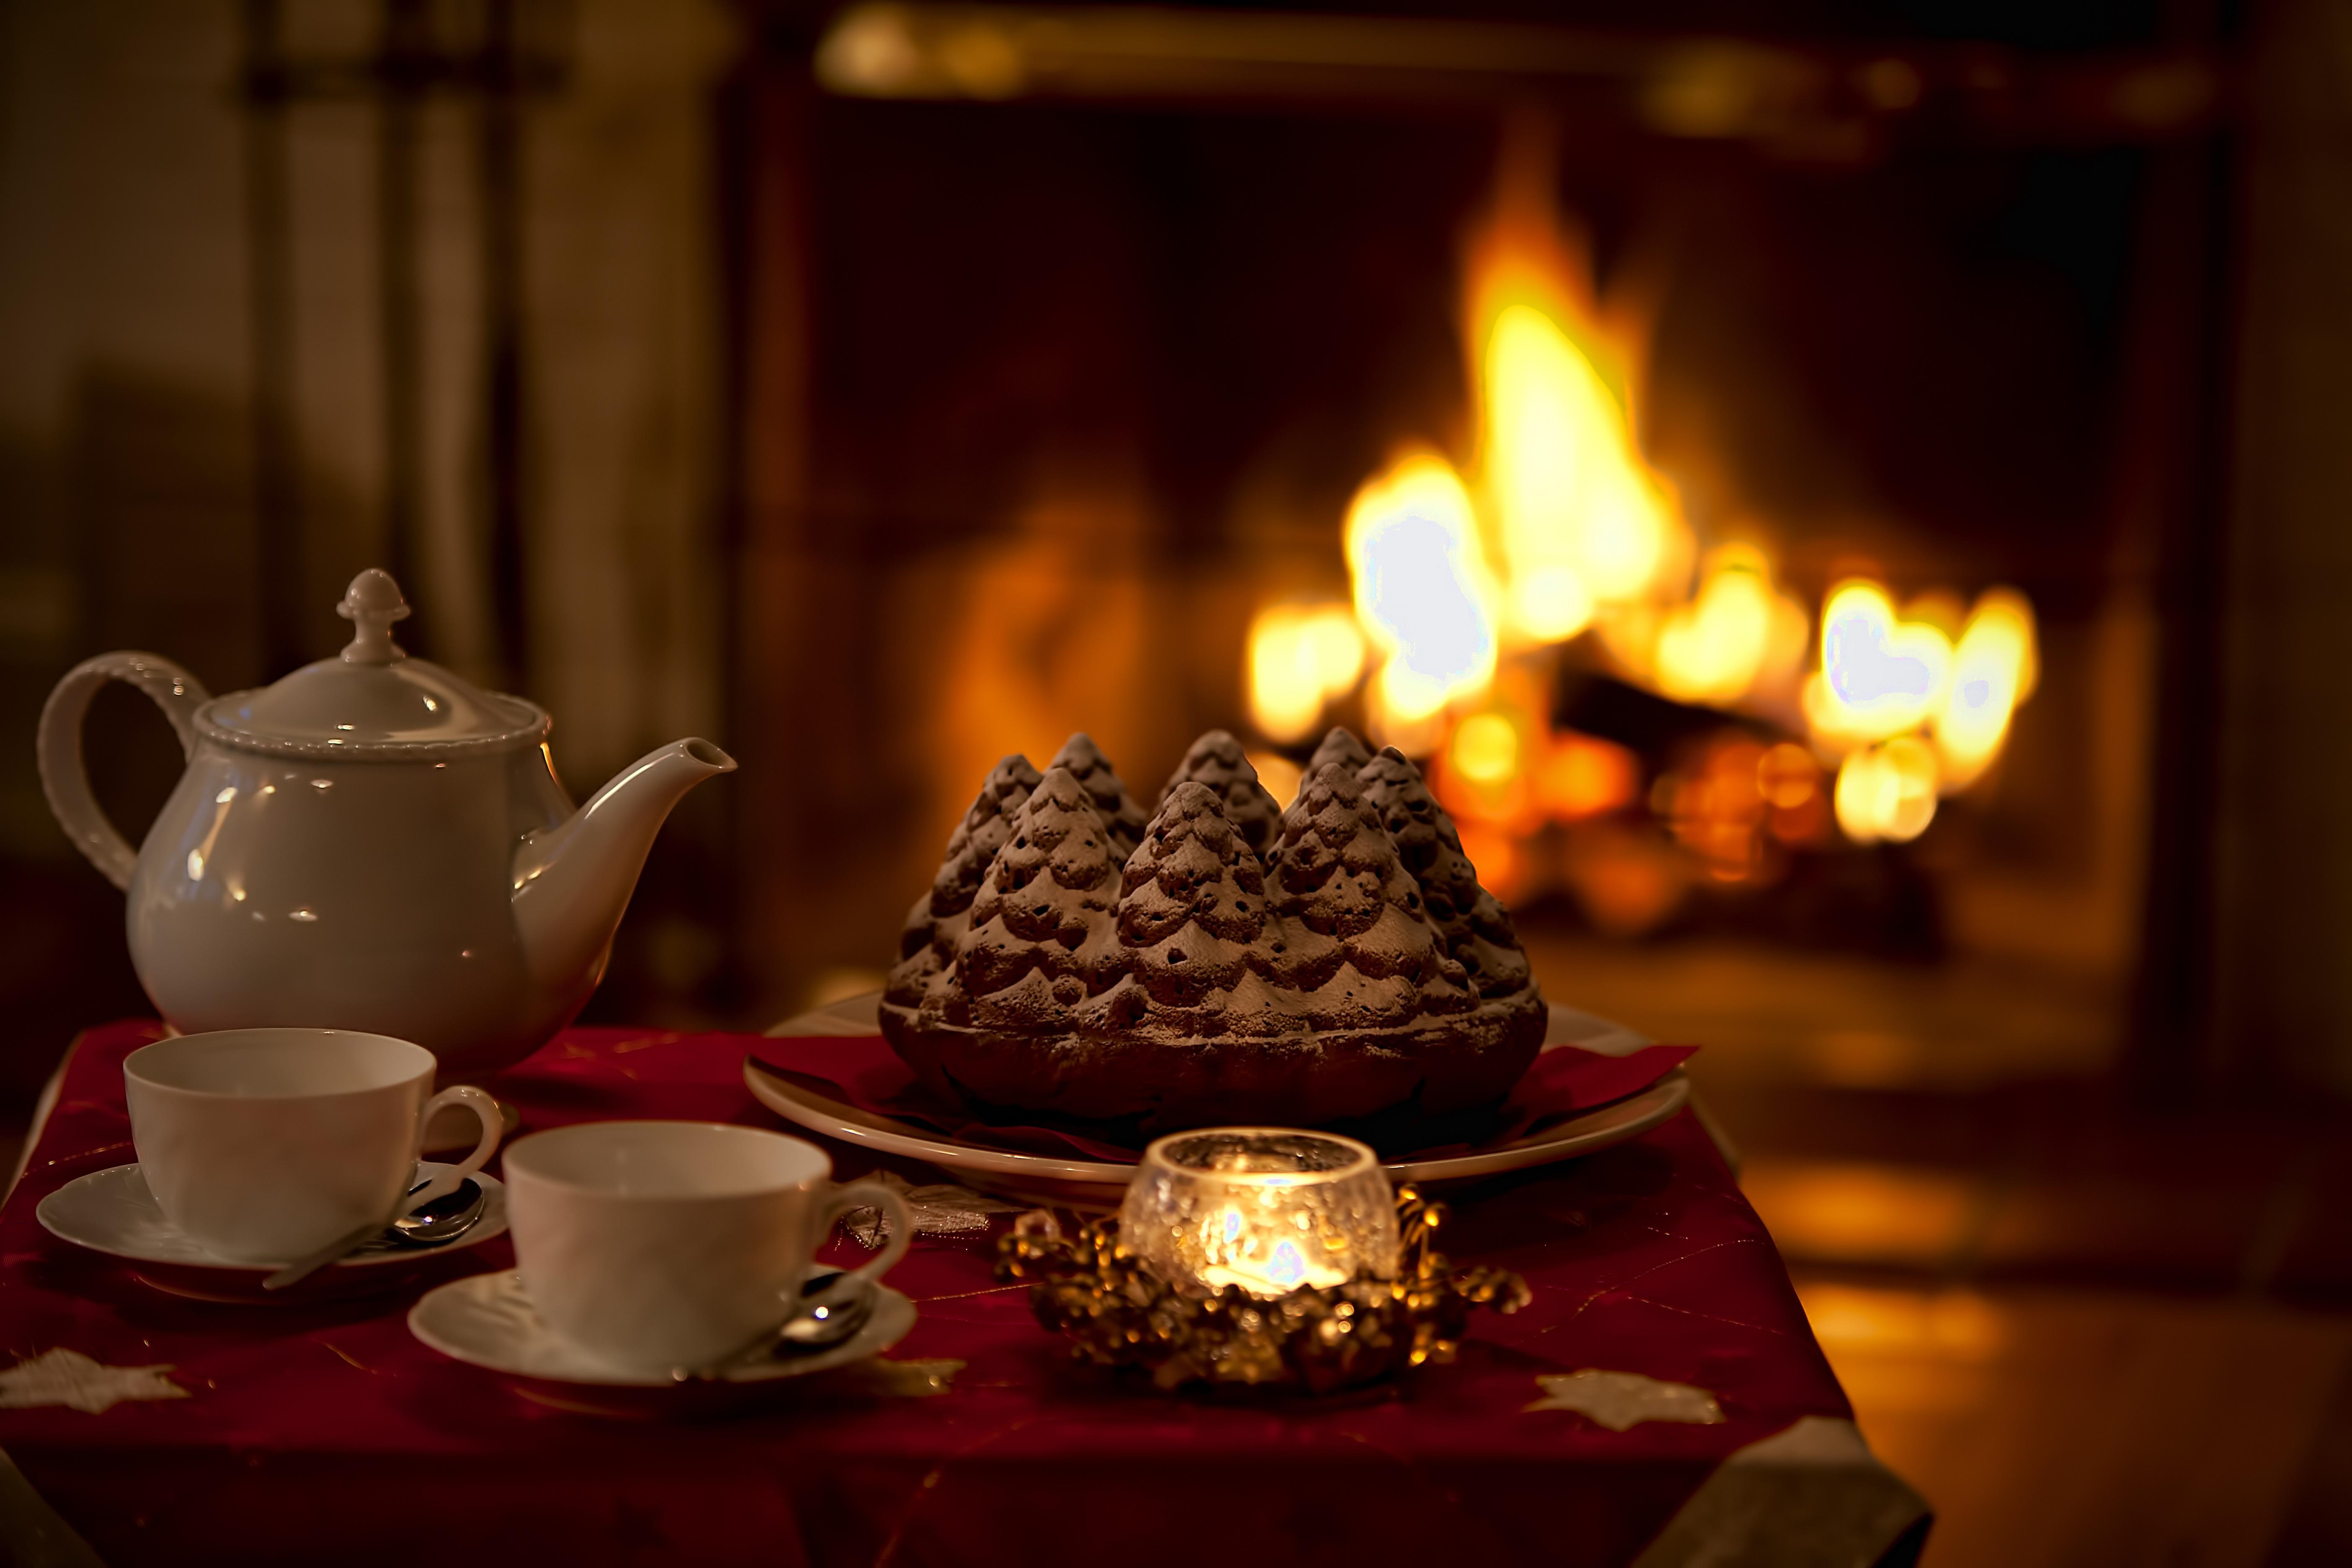 обои на рабочий стол тепло уют горячий чай № 246978 загрузить